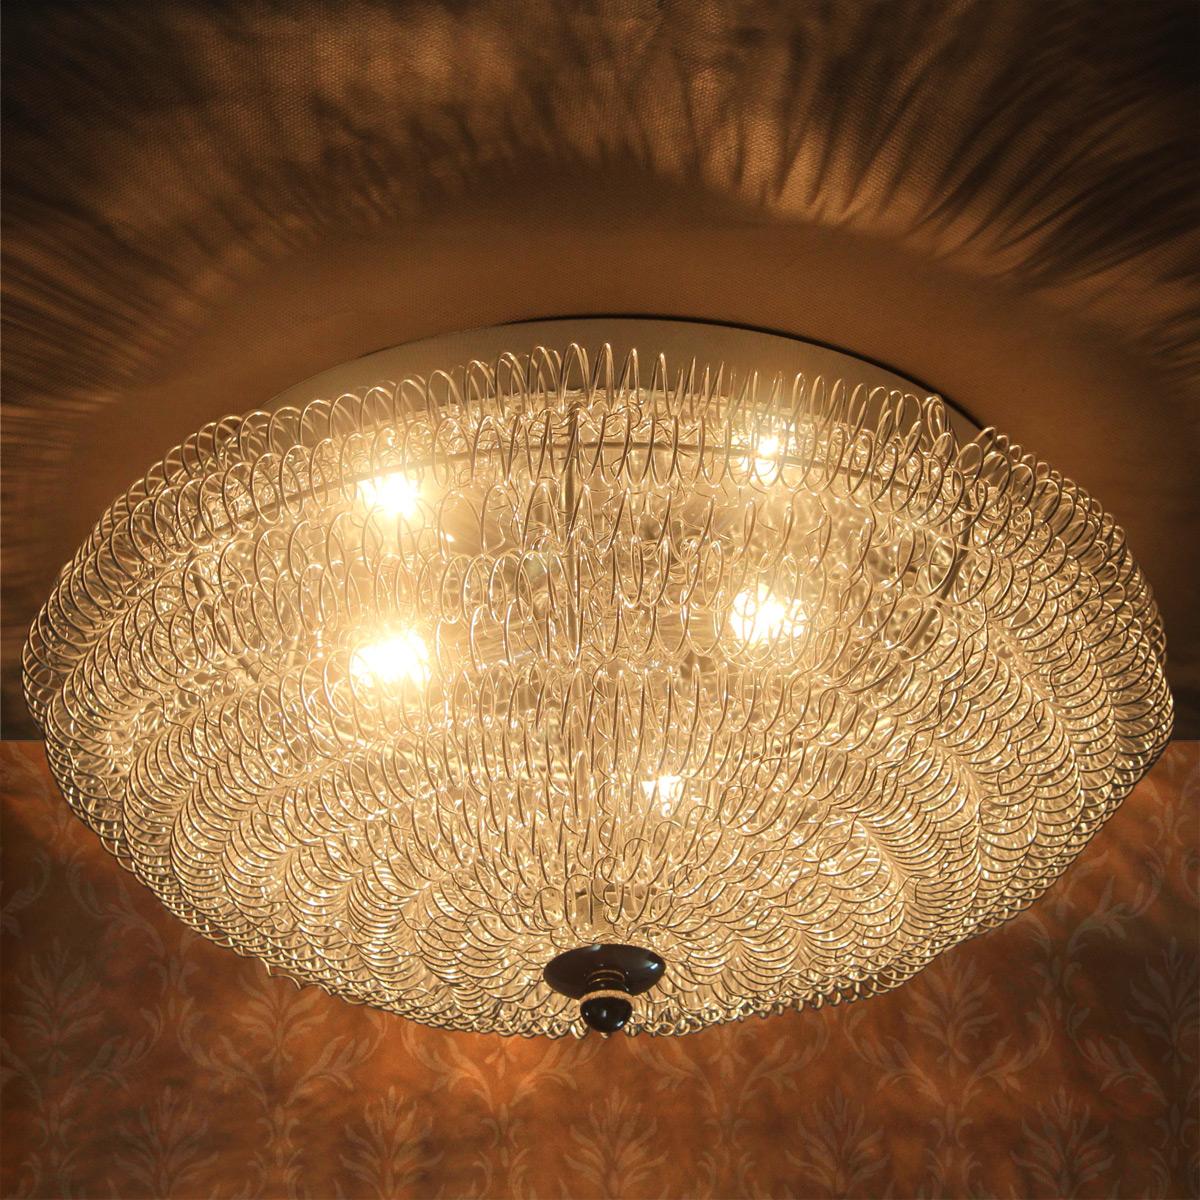 Charmant [lux.pro] Design Decken Leuchte Deckenlampe Beleuchtung Modern  Lüster Chrome | EBay